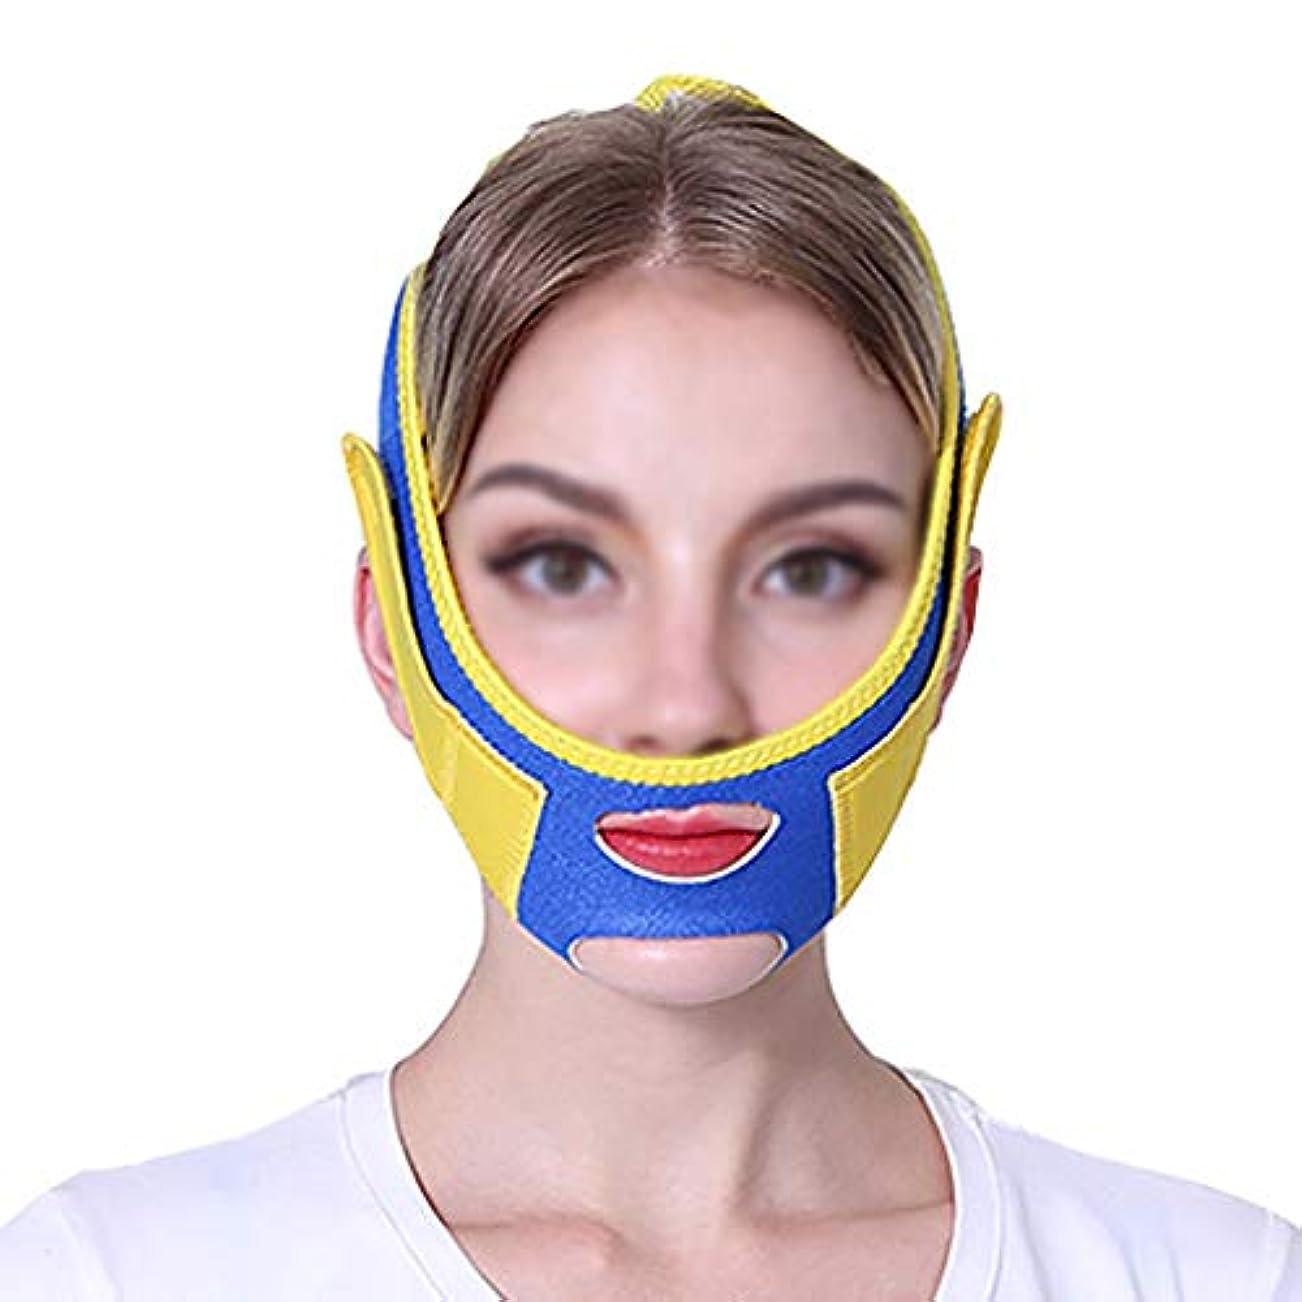 足音転送習字TLMY ファーミングマスクスモールvフェイスアーティファクトリフティングマスクフェイスリフティングフェイスリフティングマスクファーミングクリームフェイシャルリフティング包帯 顔用整形マスク